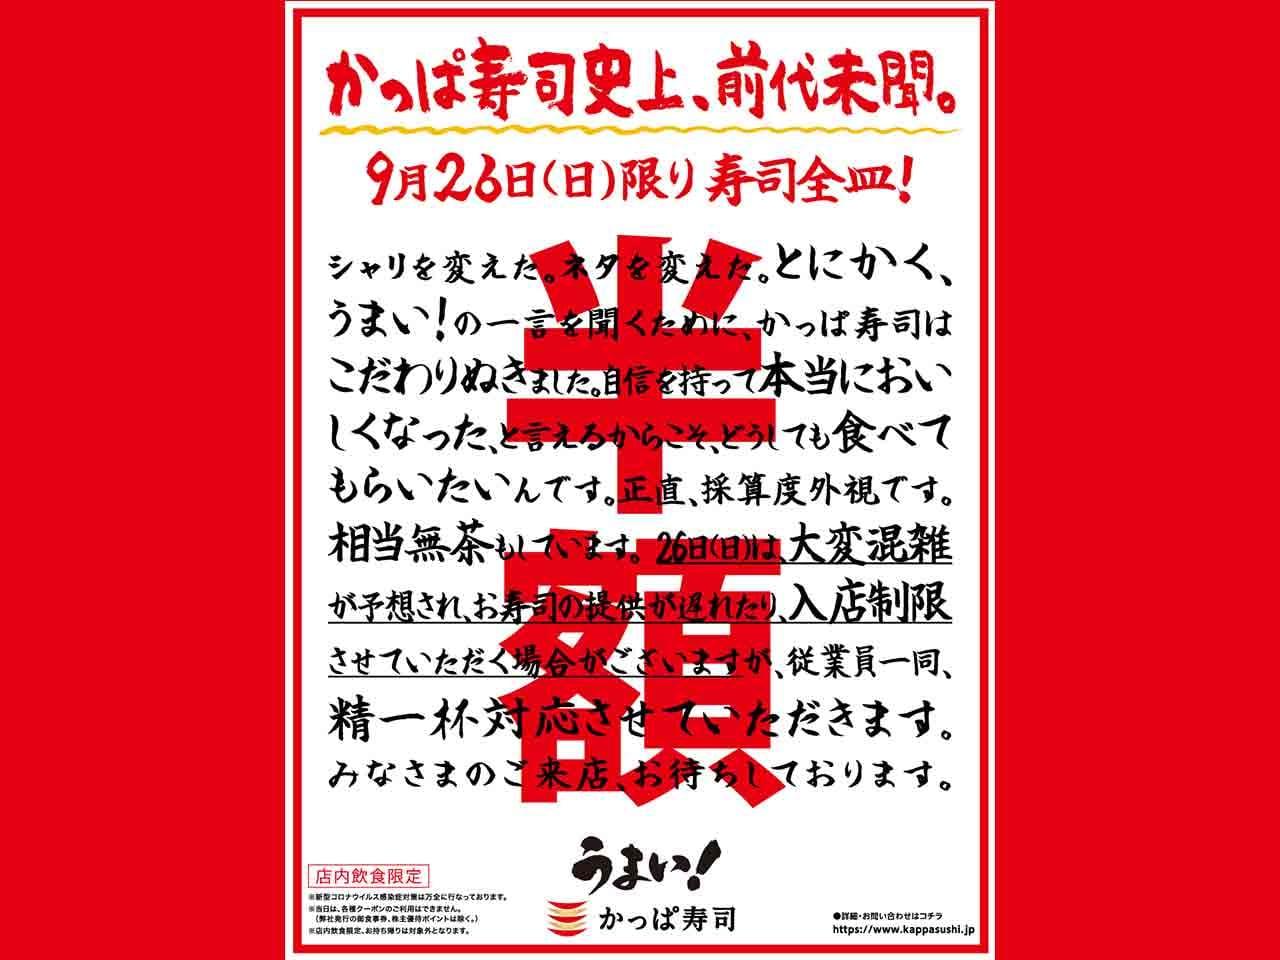 寿司が半額?!9月26日限定で『かっぱ寿司』で寿司全皿半額実施されます!